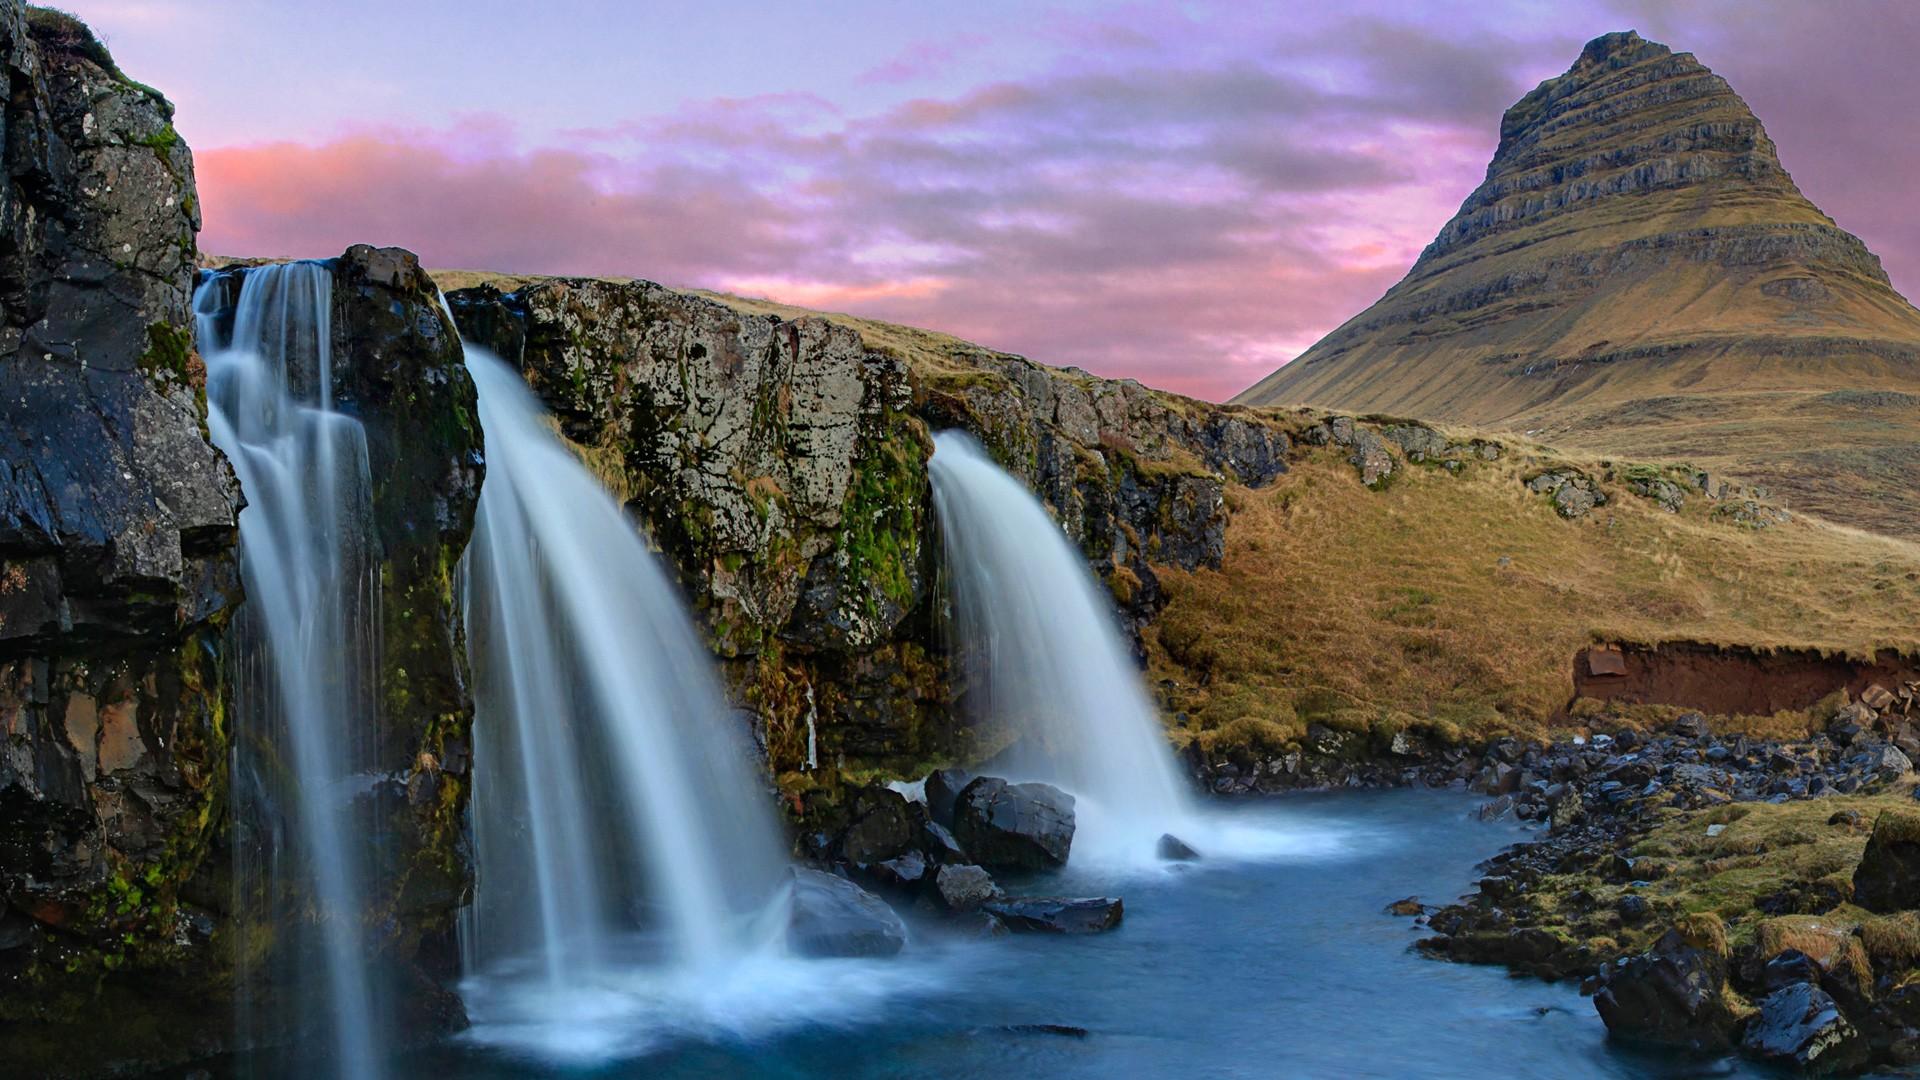 Cute Hawii Wallpapers Kirkjufell Mountain Waterfalls Iceland Wallpapers Hd